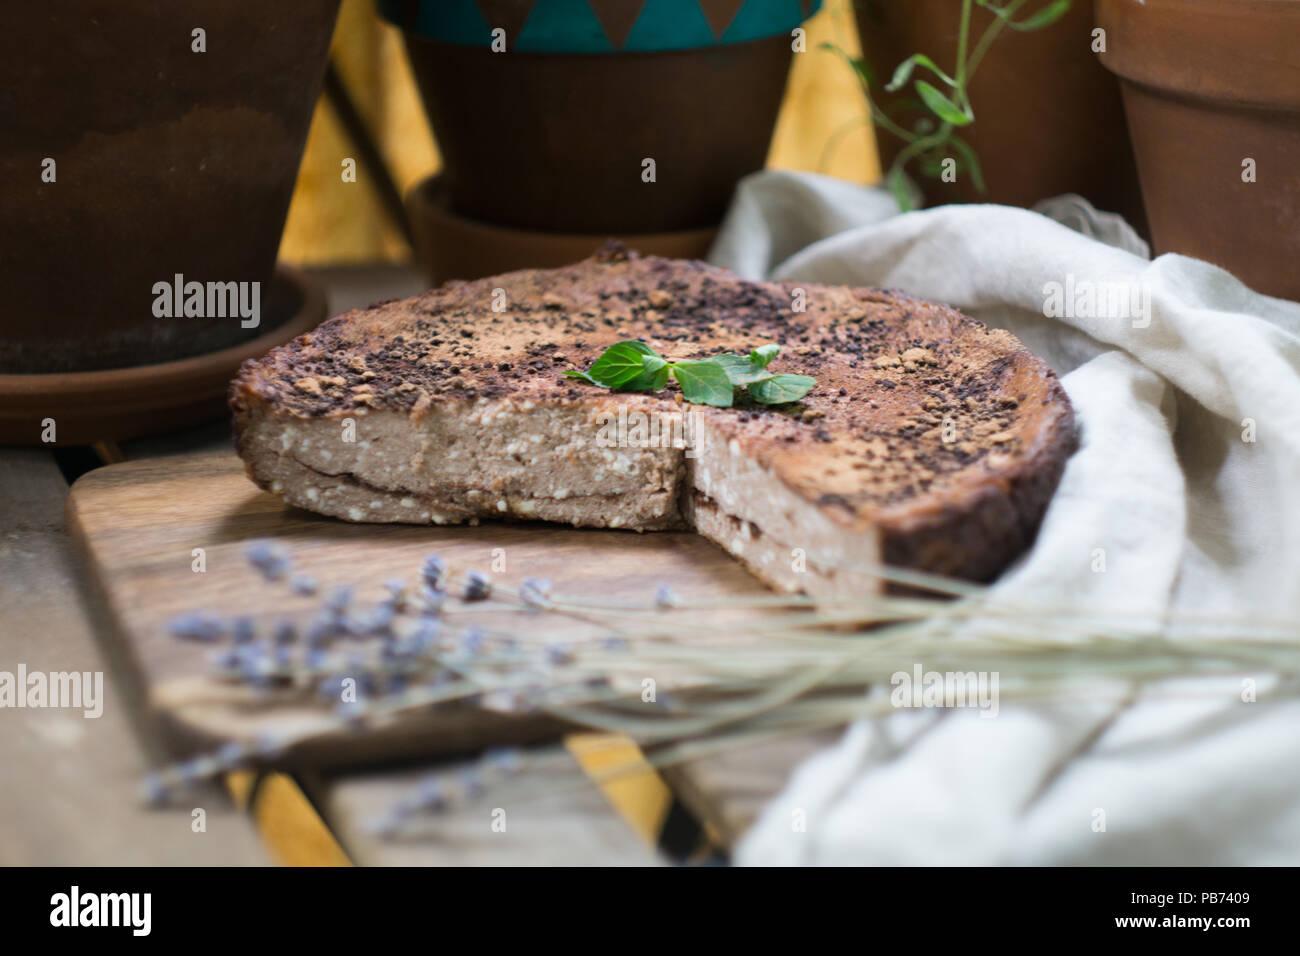 Soft cheesecake fatti in casa (cottage cheese pie, casseruola zapekanka) vaniglia cioccolato con cannella su un tagliere. Close-up Immagini Stock